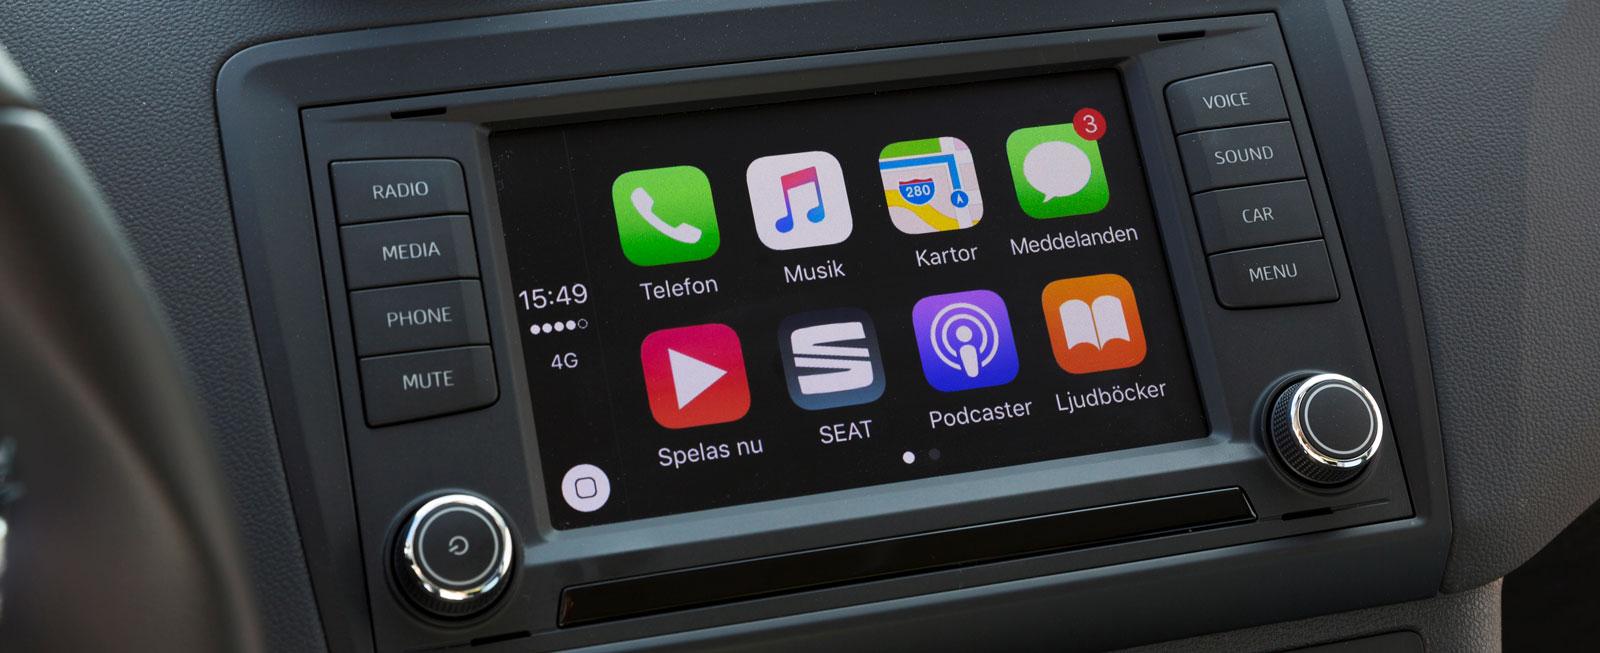 Med ansiktslyftningen fick gamla Ibiza moderna funktioner som Apple CarPlay/Android Auto. Det går att köpa löst, eller följer med Connect-paketet.